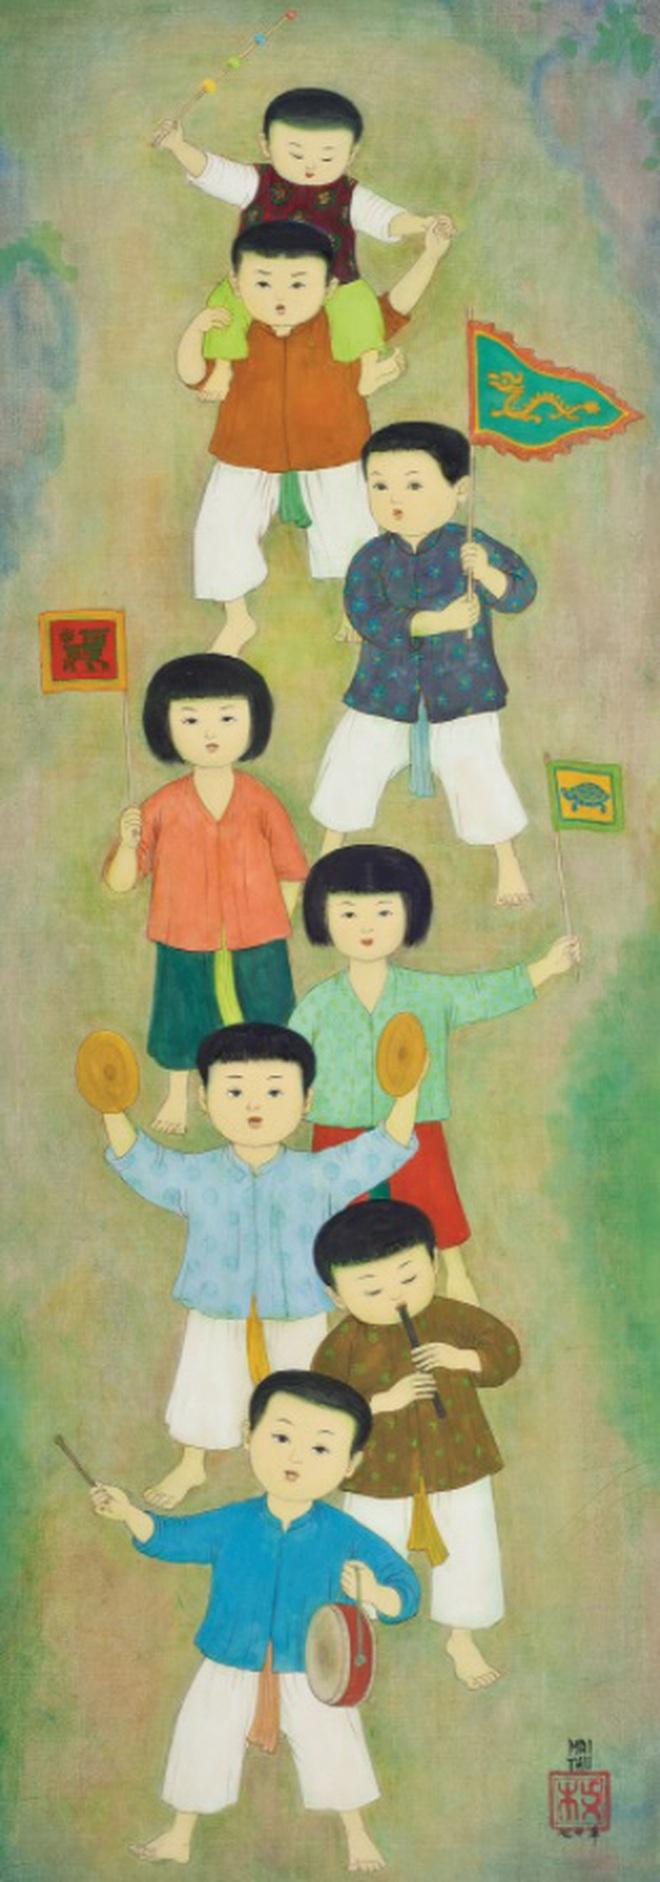 Xem tranh của danh họa Việt có tác phẩm đắt nhất trên thị trường đấu giá - 15